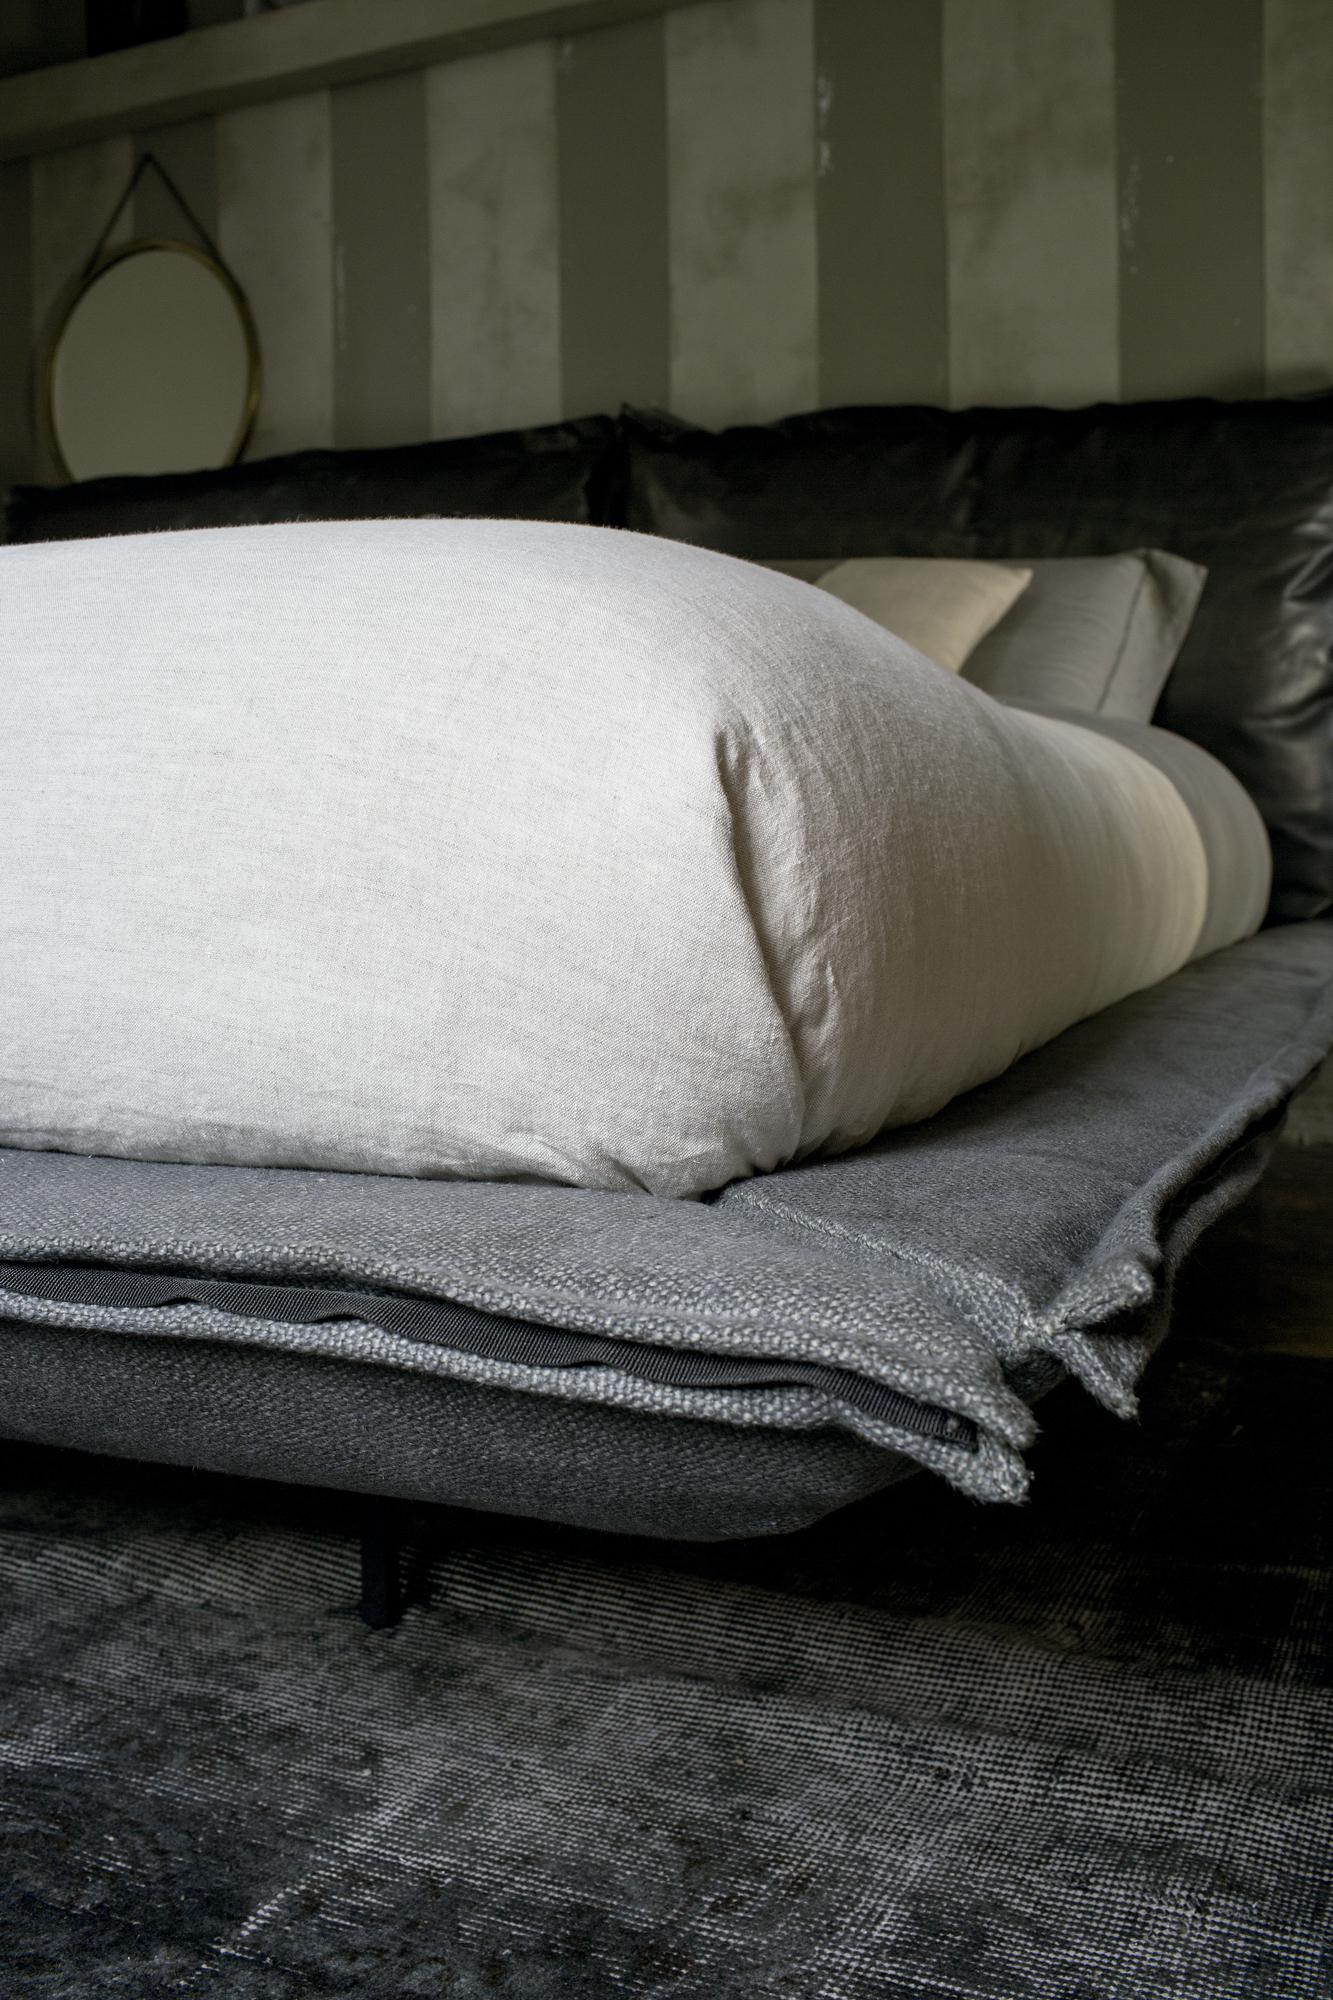 Contemporary Italian Auto Reverse Dream Bed Italian